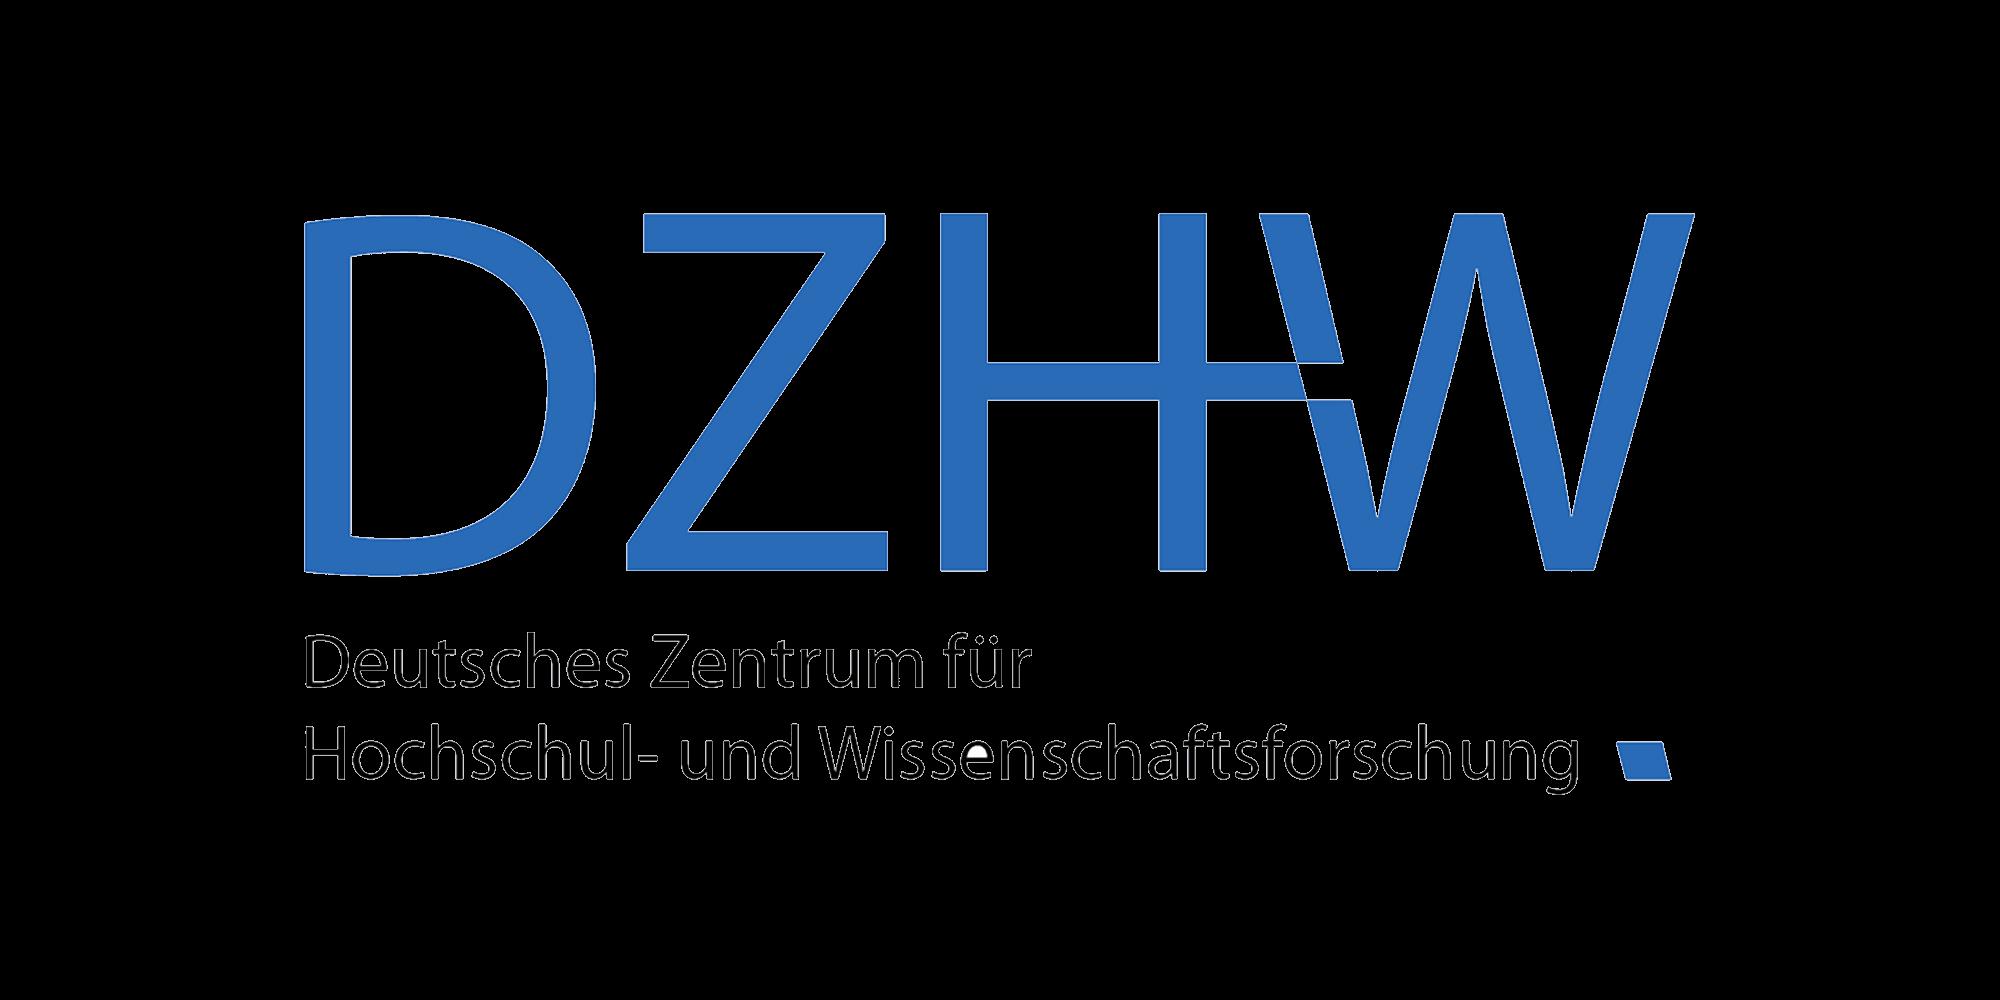 Logo Deutsches Zentrum für Hochschul- und Wissenschaftsforschung GmbH